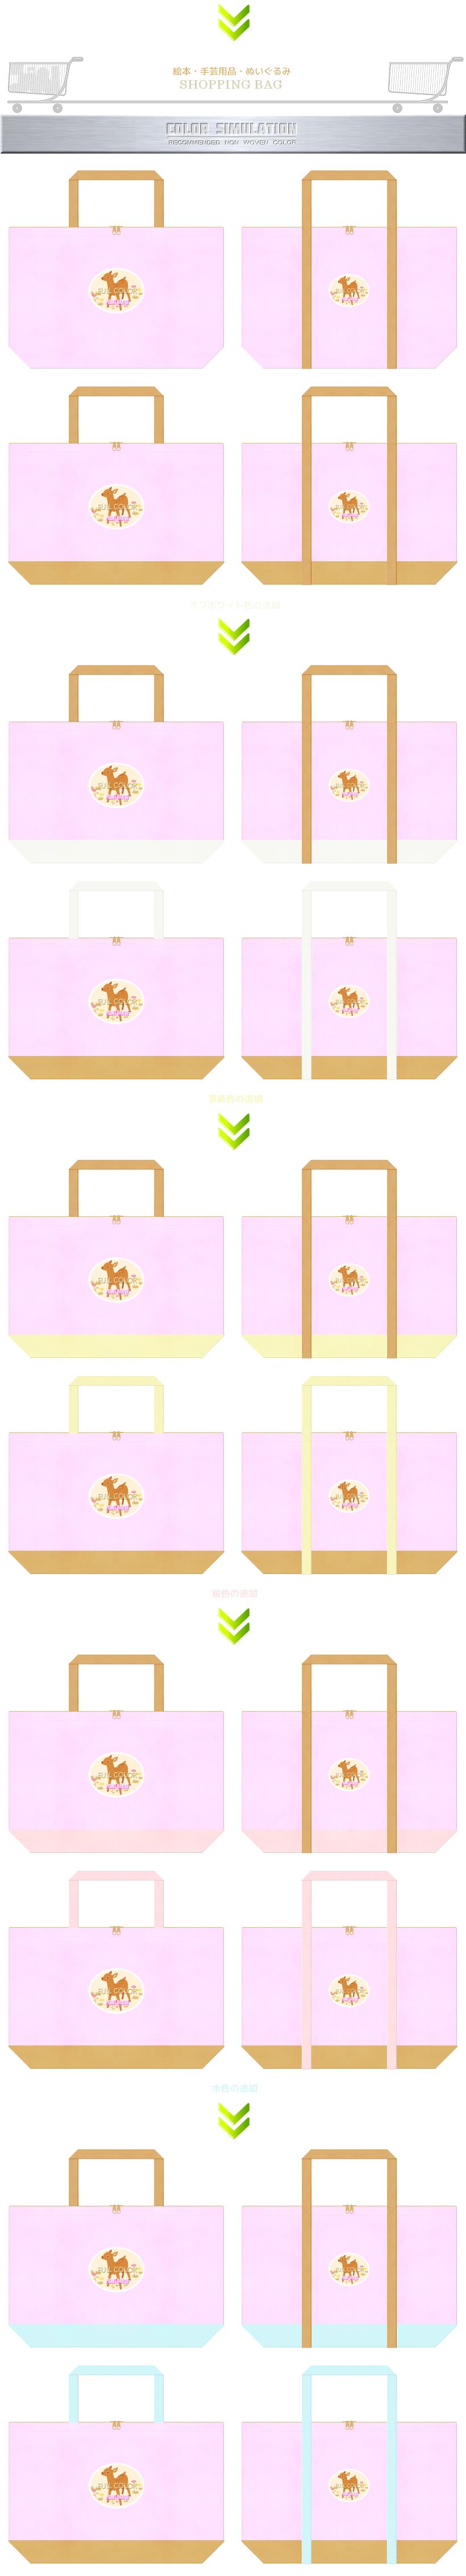 パステルピンク色と薄黄土色をメインに使用した、ガーリーデザインの不織布ショッピングバッグのカラーシミュレーション:絵本・手芸用品・ぬいぐるみのショッピングバッグ